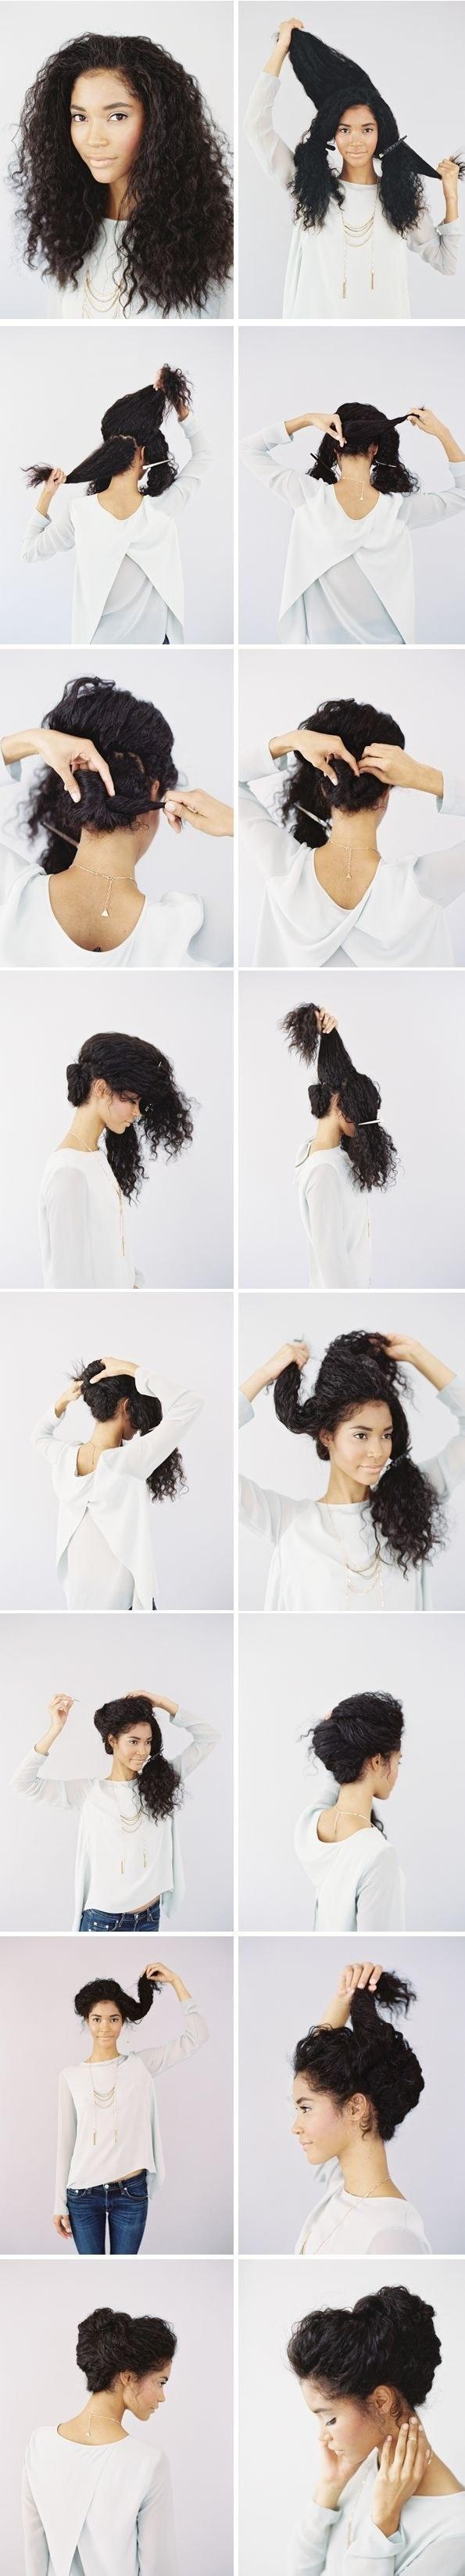 Coiffures-Pratiques-Sur-Cheveux-Bouclés-2